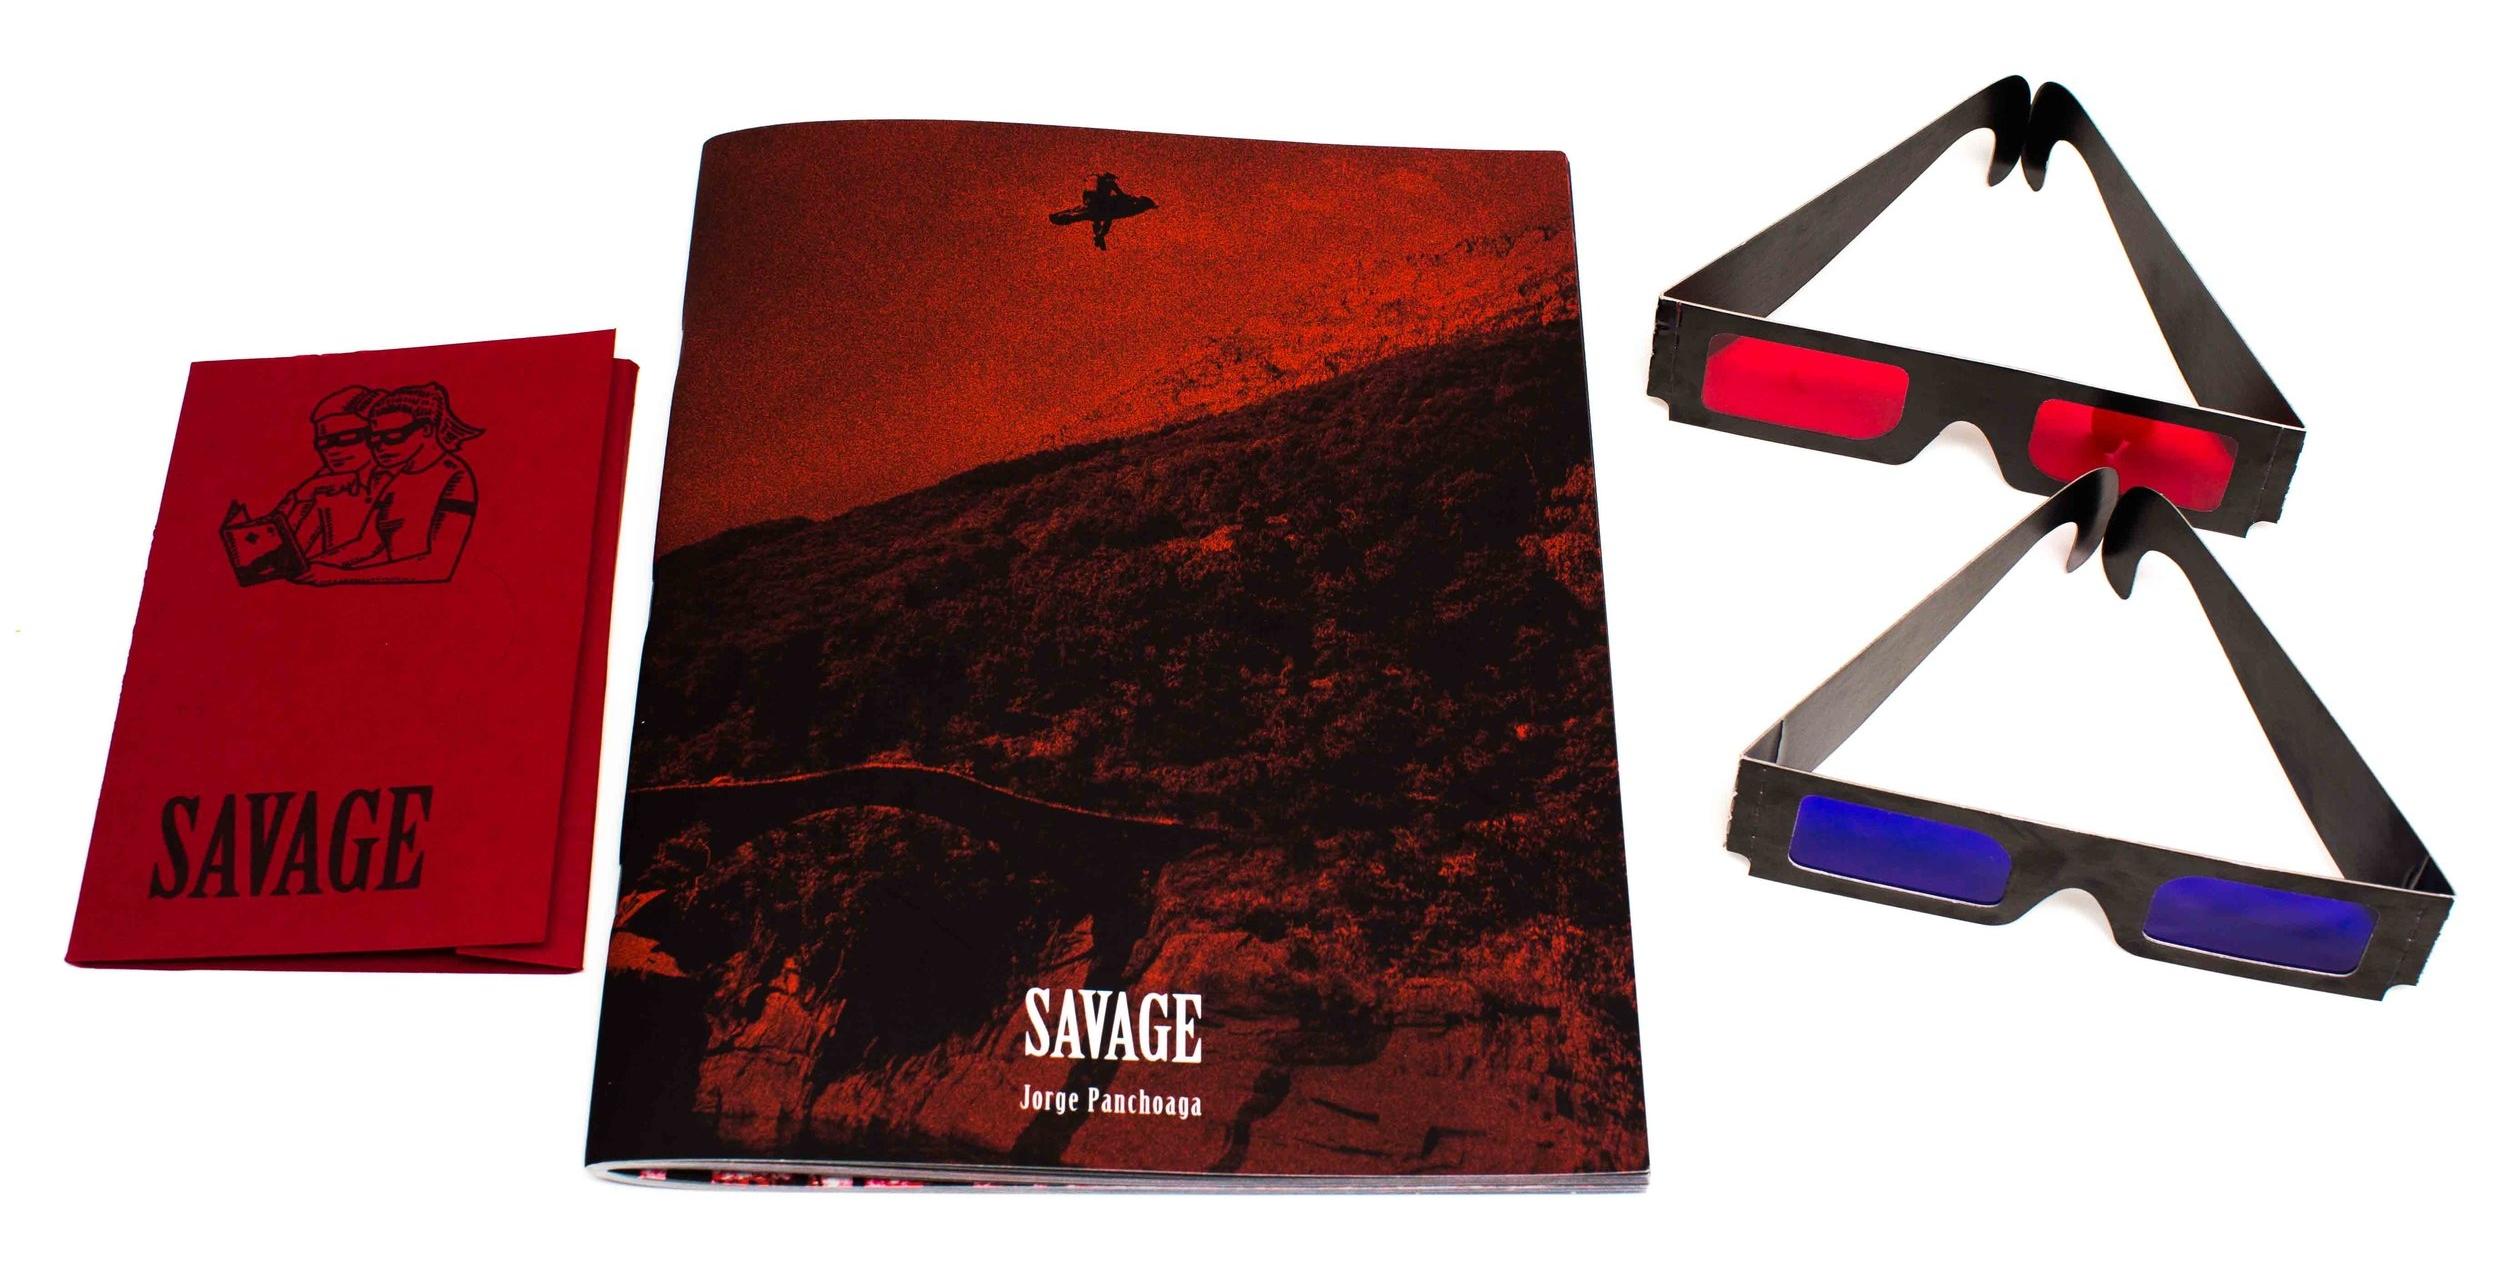 SAVAGE - Fotógrafos Colombianos - FOTOLIBROS COLOMBIANOS